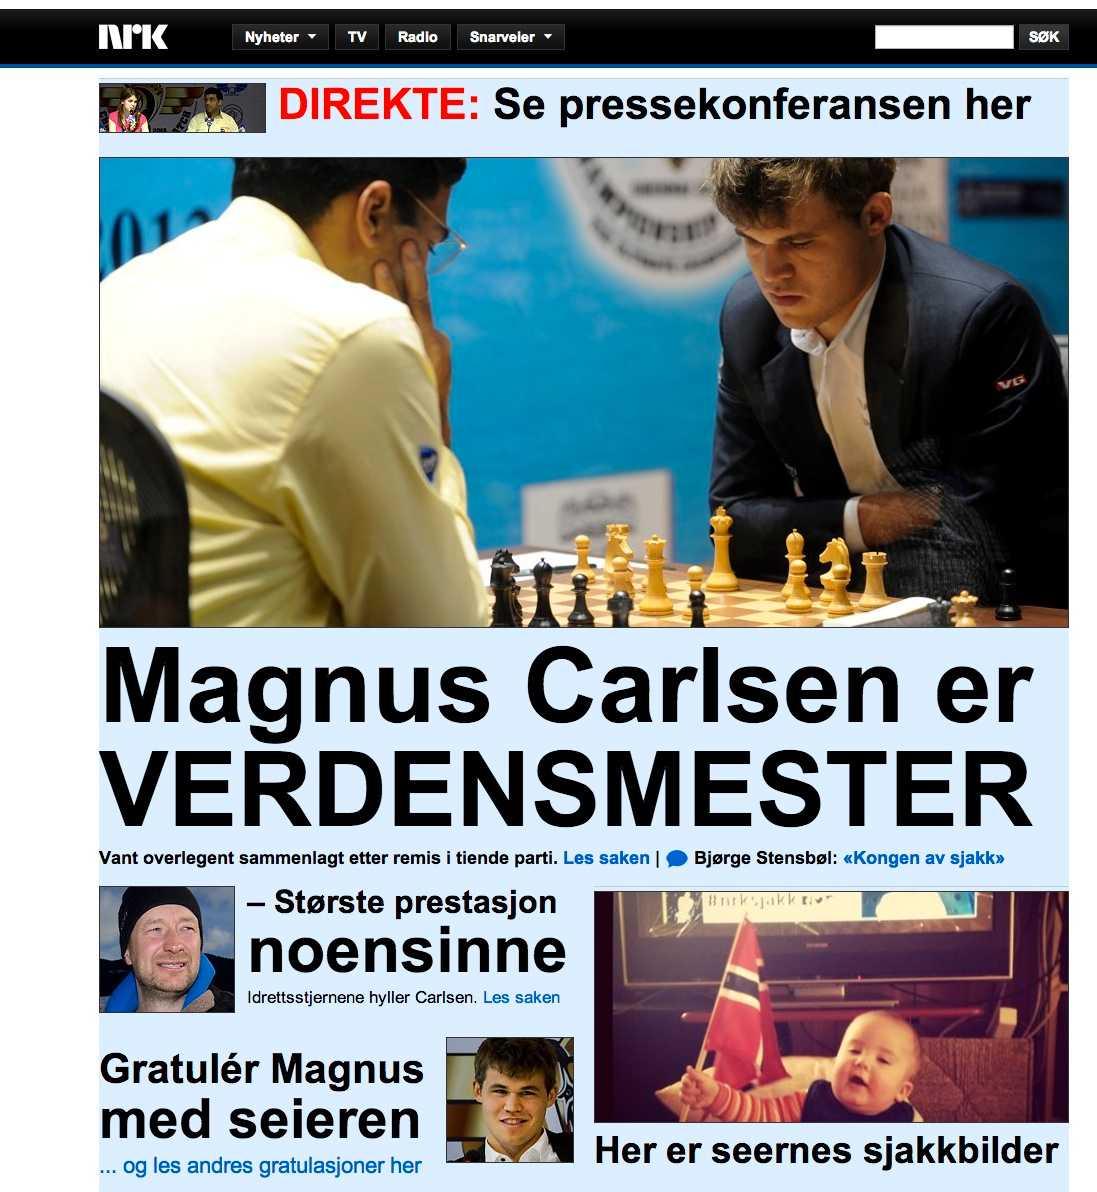 NRK har livesänt matchen och hårdbevakat den stenhårt.